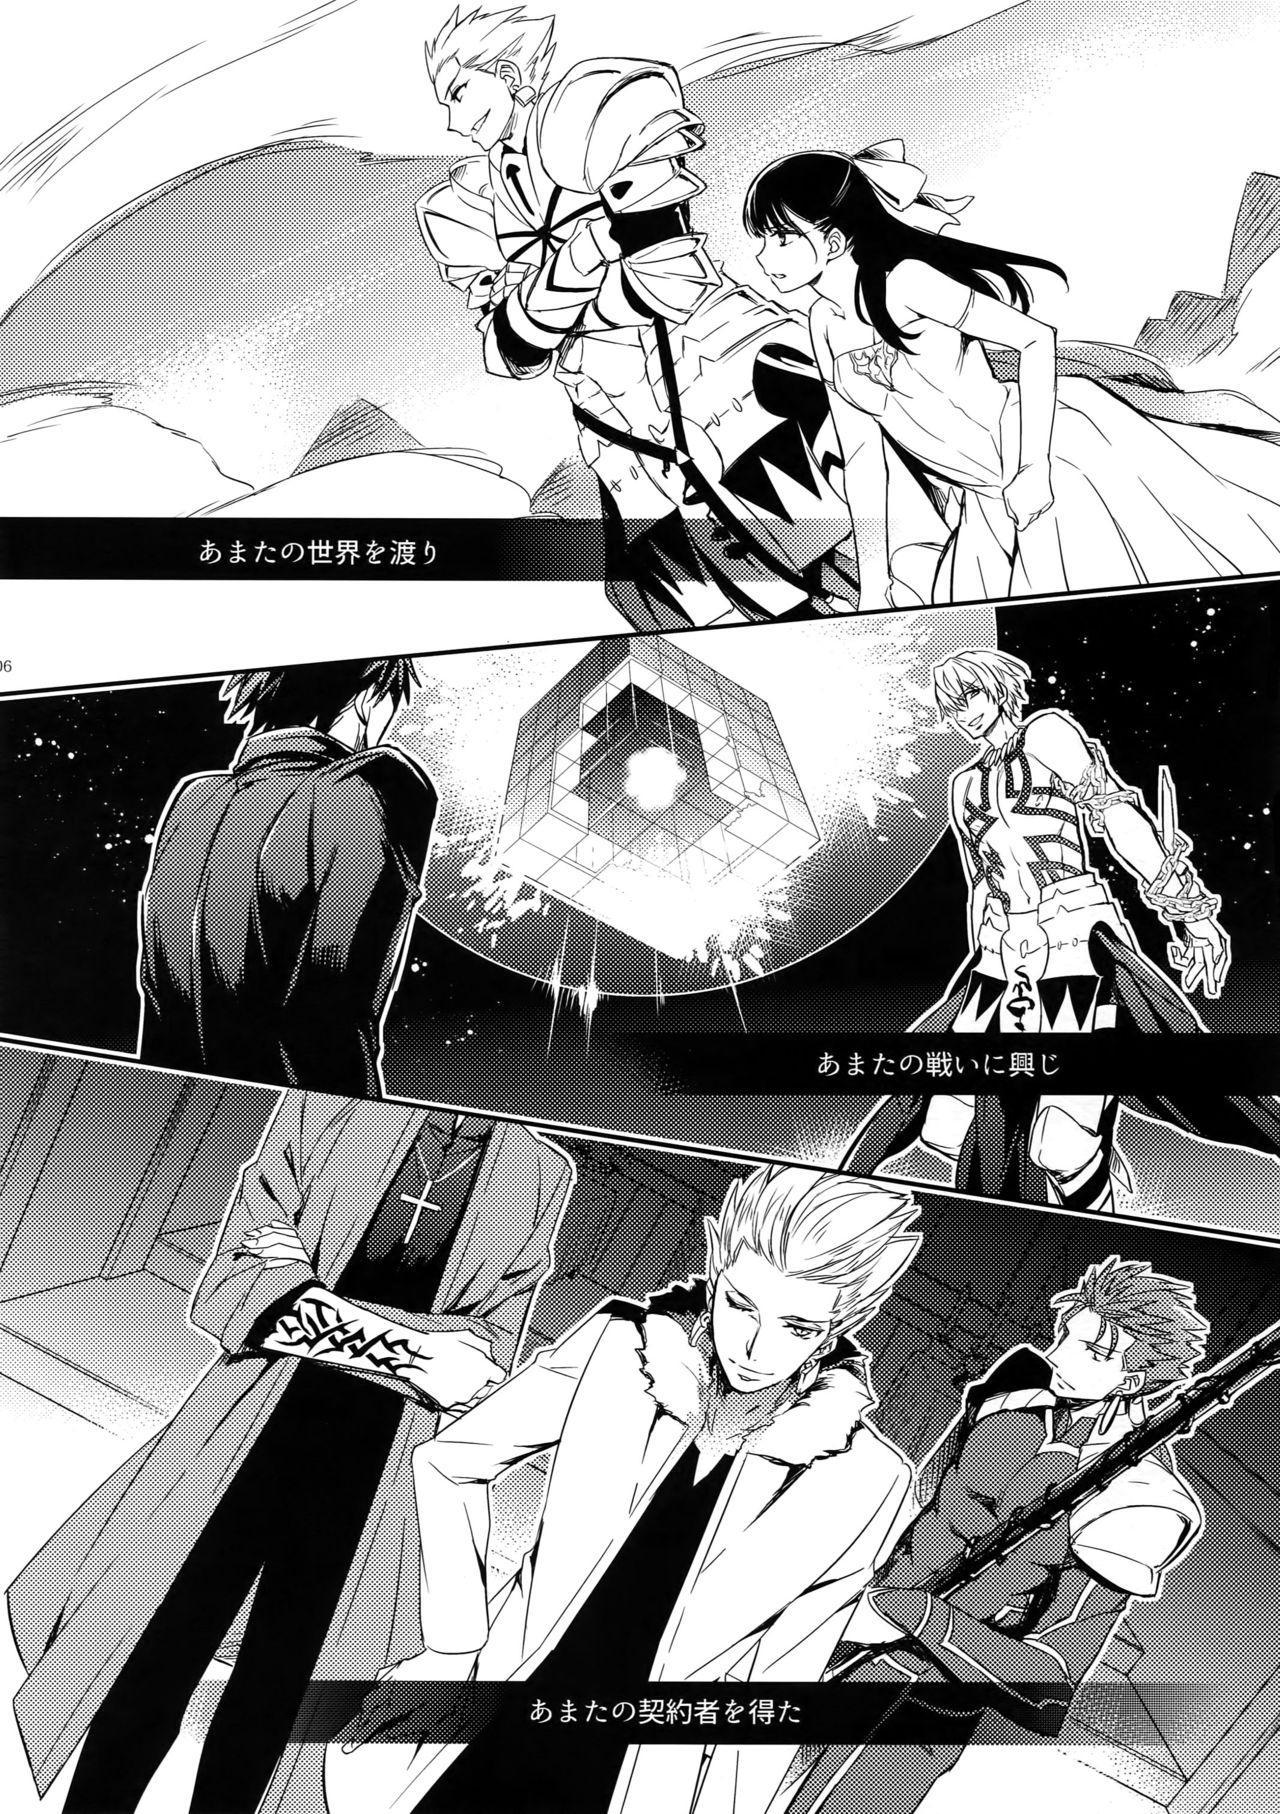 Gainen Reisou wa Kiniro no Yume o Miru 2 4